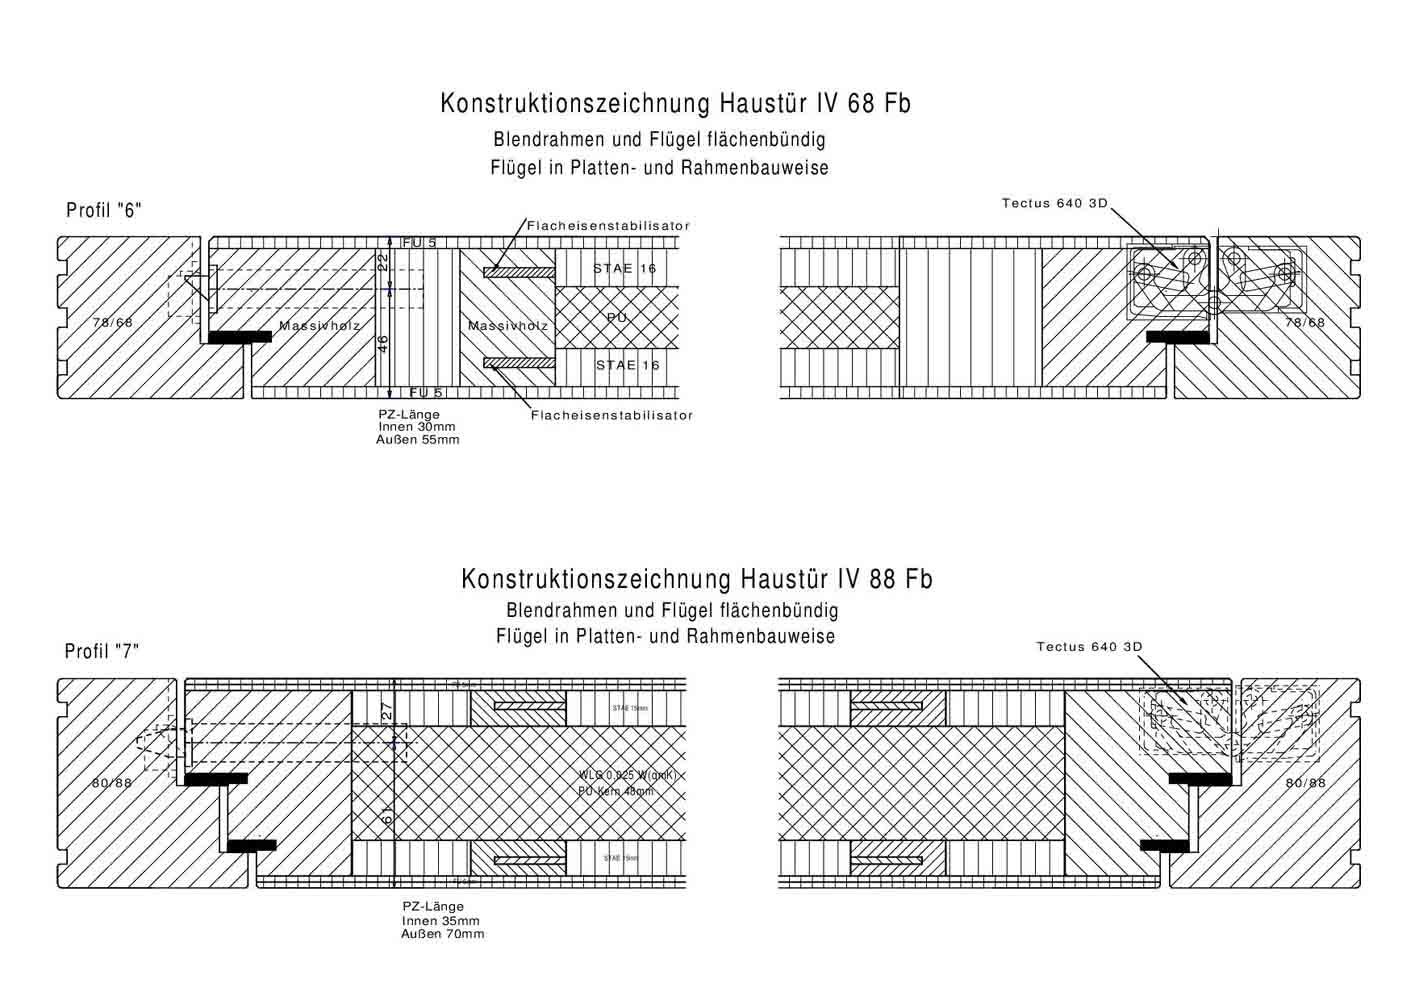 Hausturen Brunkhorst Hausturen Aus Holz Holzhausturen